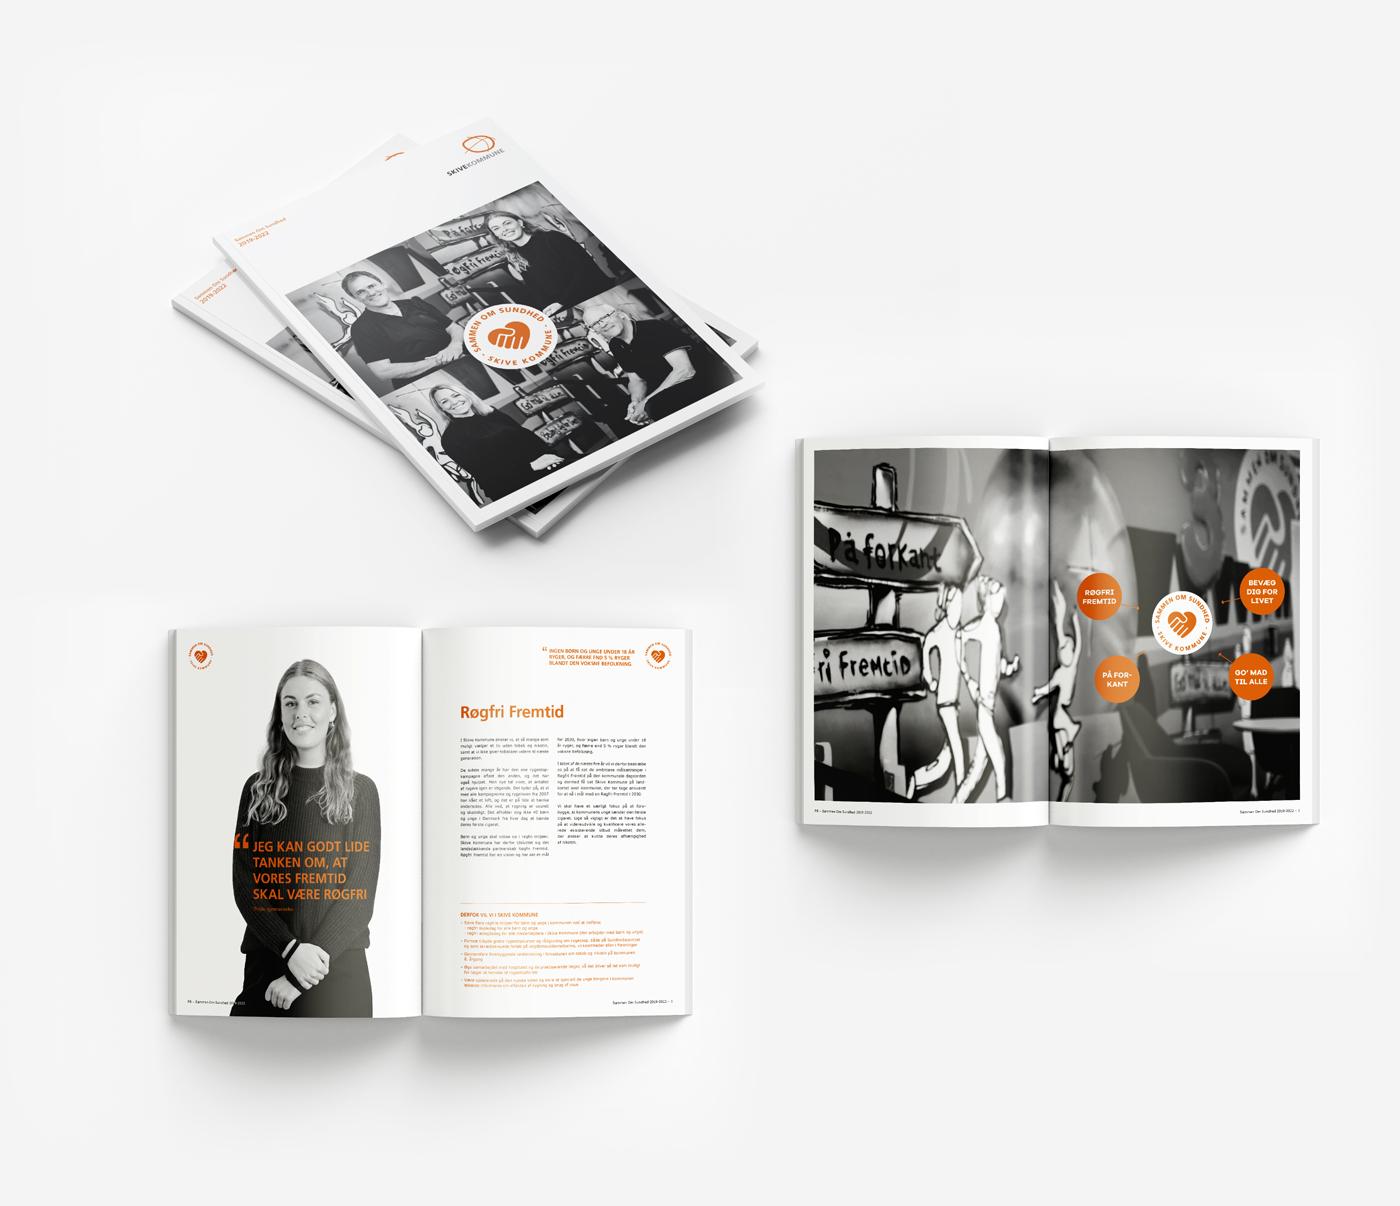 Janus_mikkel_skive_kommune_politikken_samletbrochure